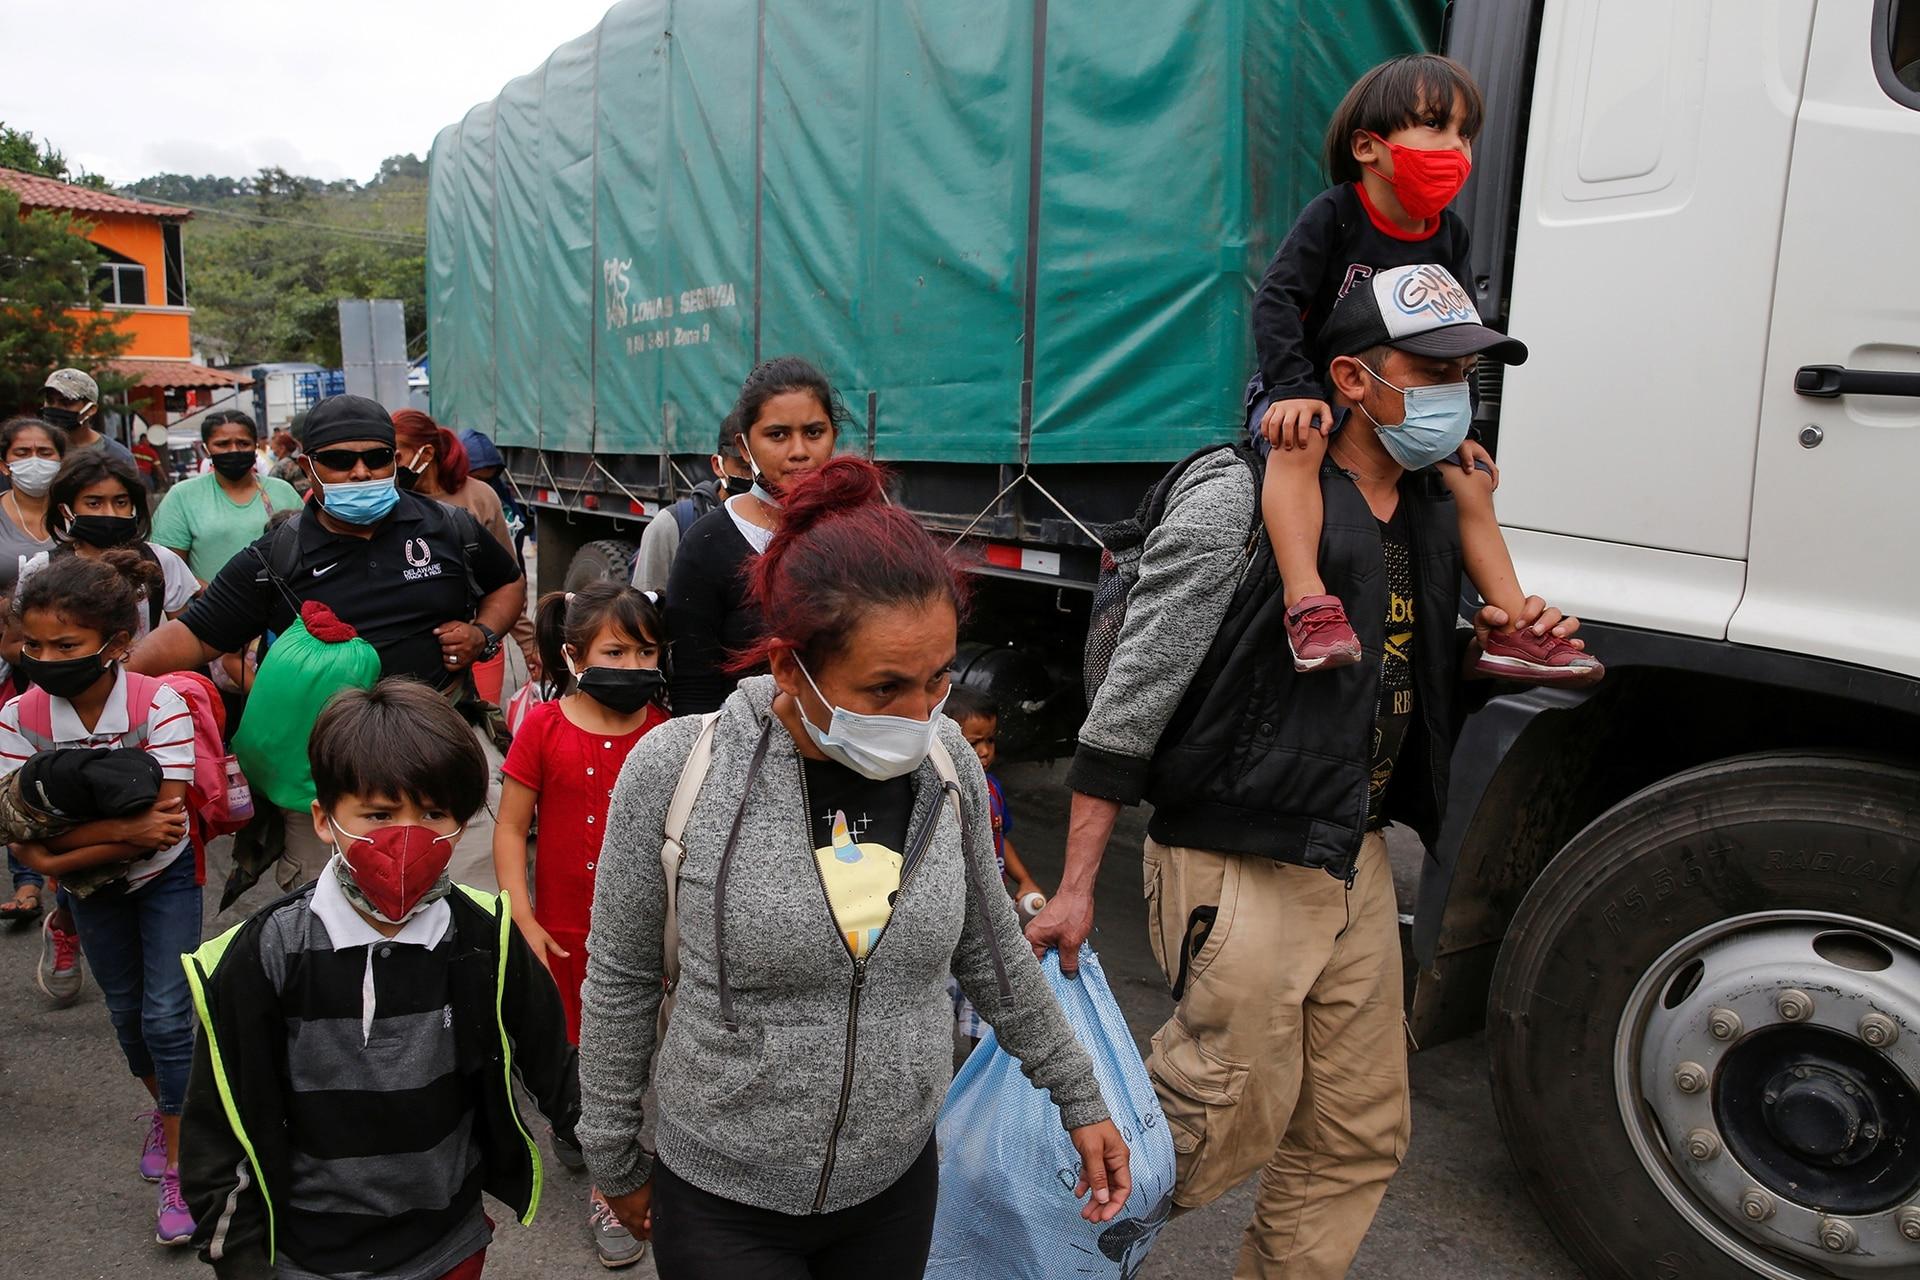 Los migrantes hondureños que intentaban llegar a Estados Unidos son enviados de regreso por las autoridades guatemaltecas en la frontera de El Florido entre Guatemala y Honduras